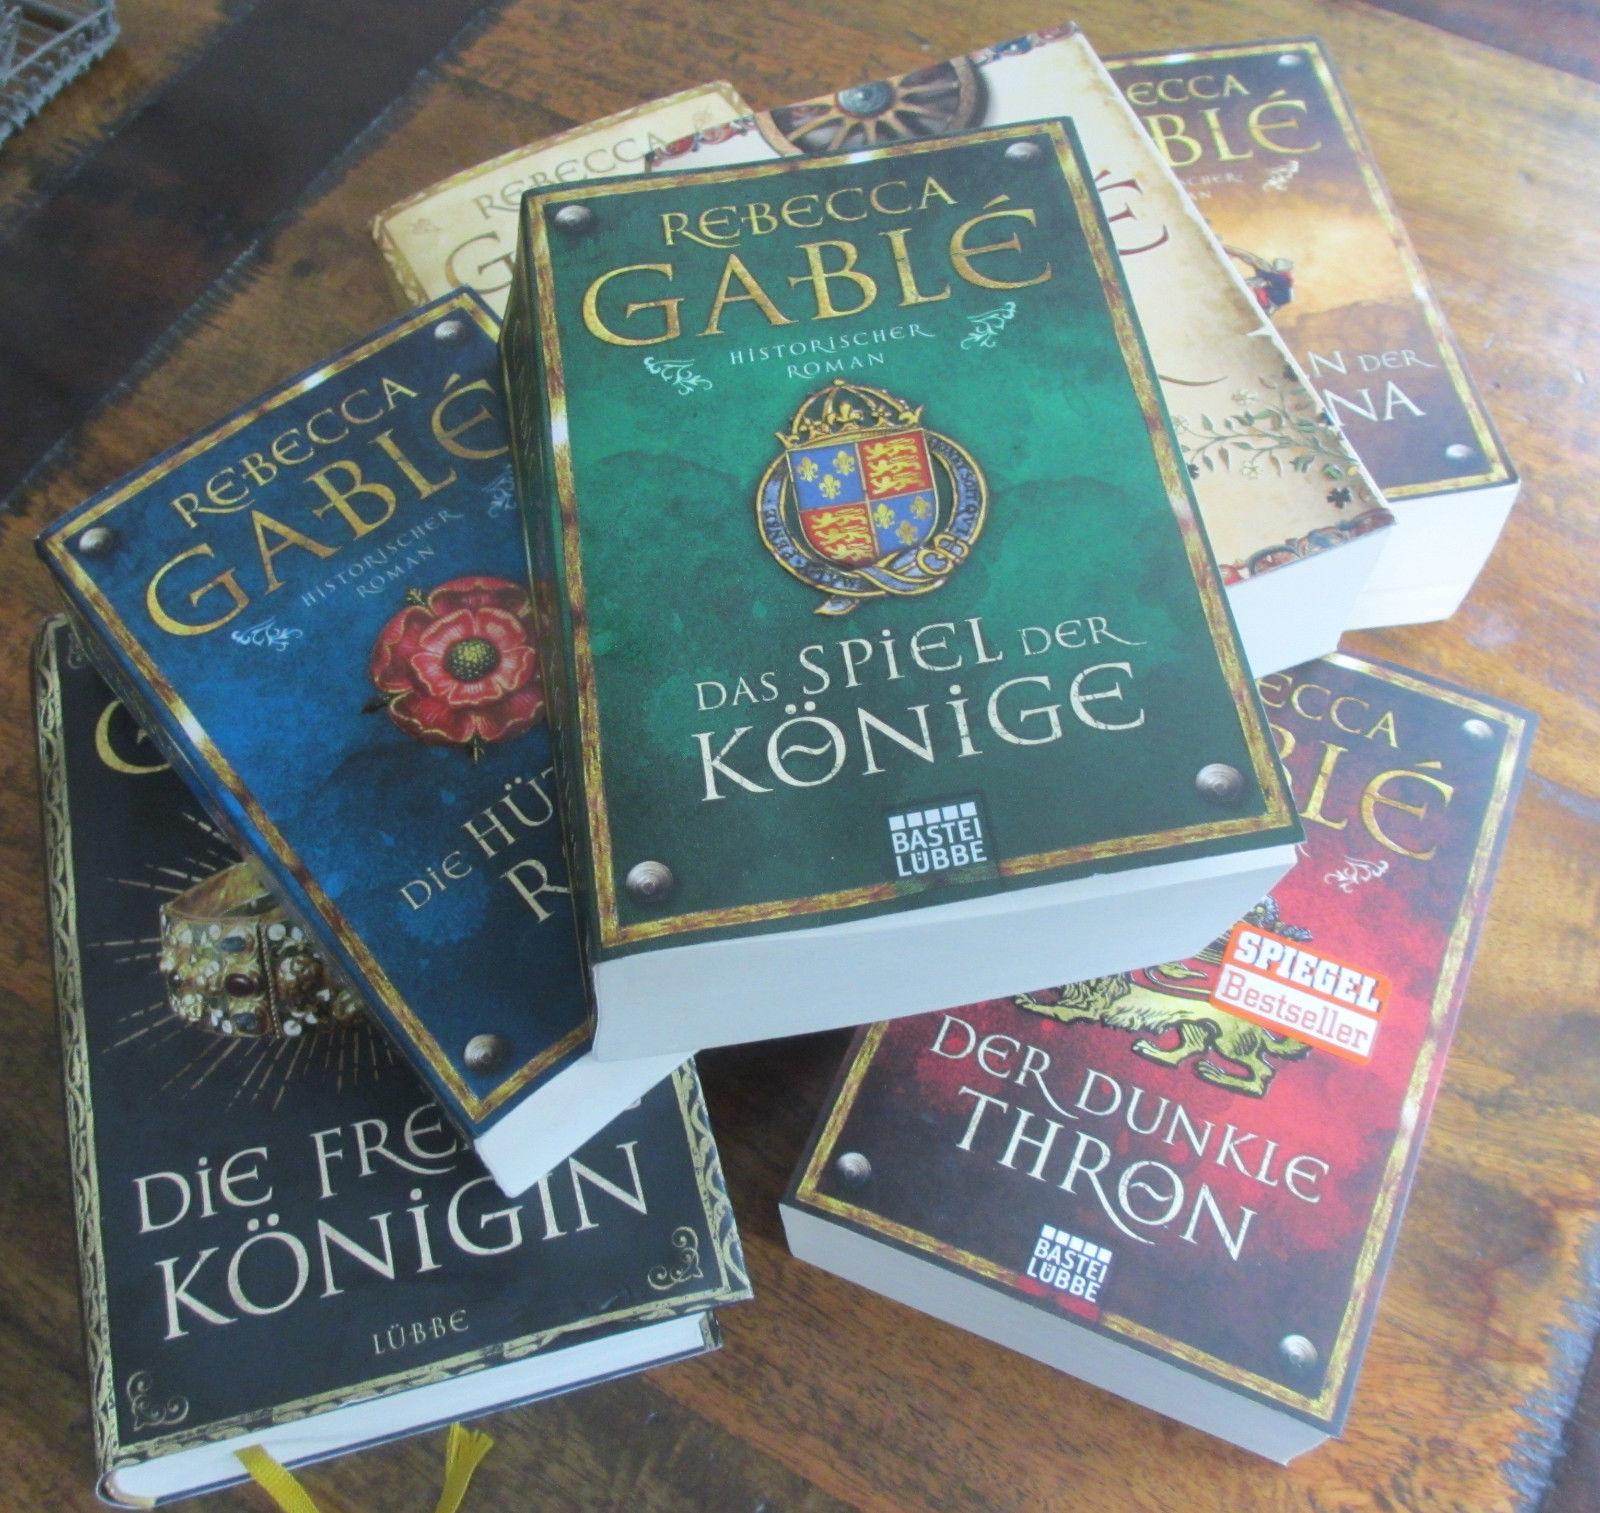 Rebecca Gable Historischer Roman Buchreihe 7 Bücher